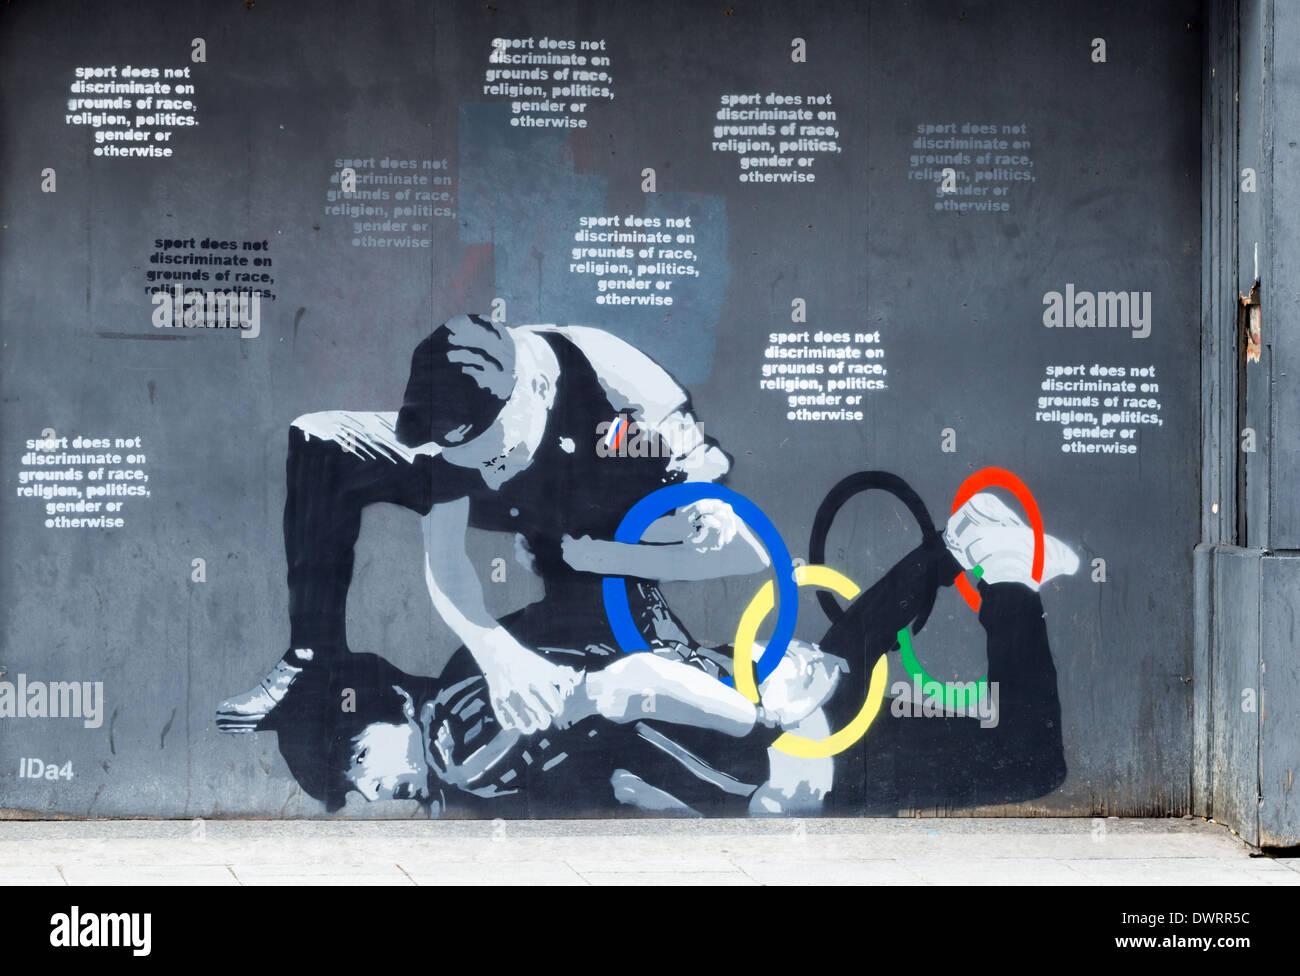 Manifestante gay/mural de los Juegos Olímpicos de invierno de Sochi en Newcastle upon Tyne. UK Imagen De Stock